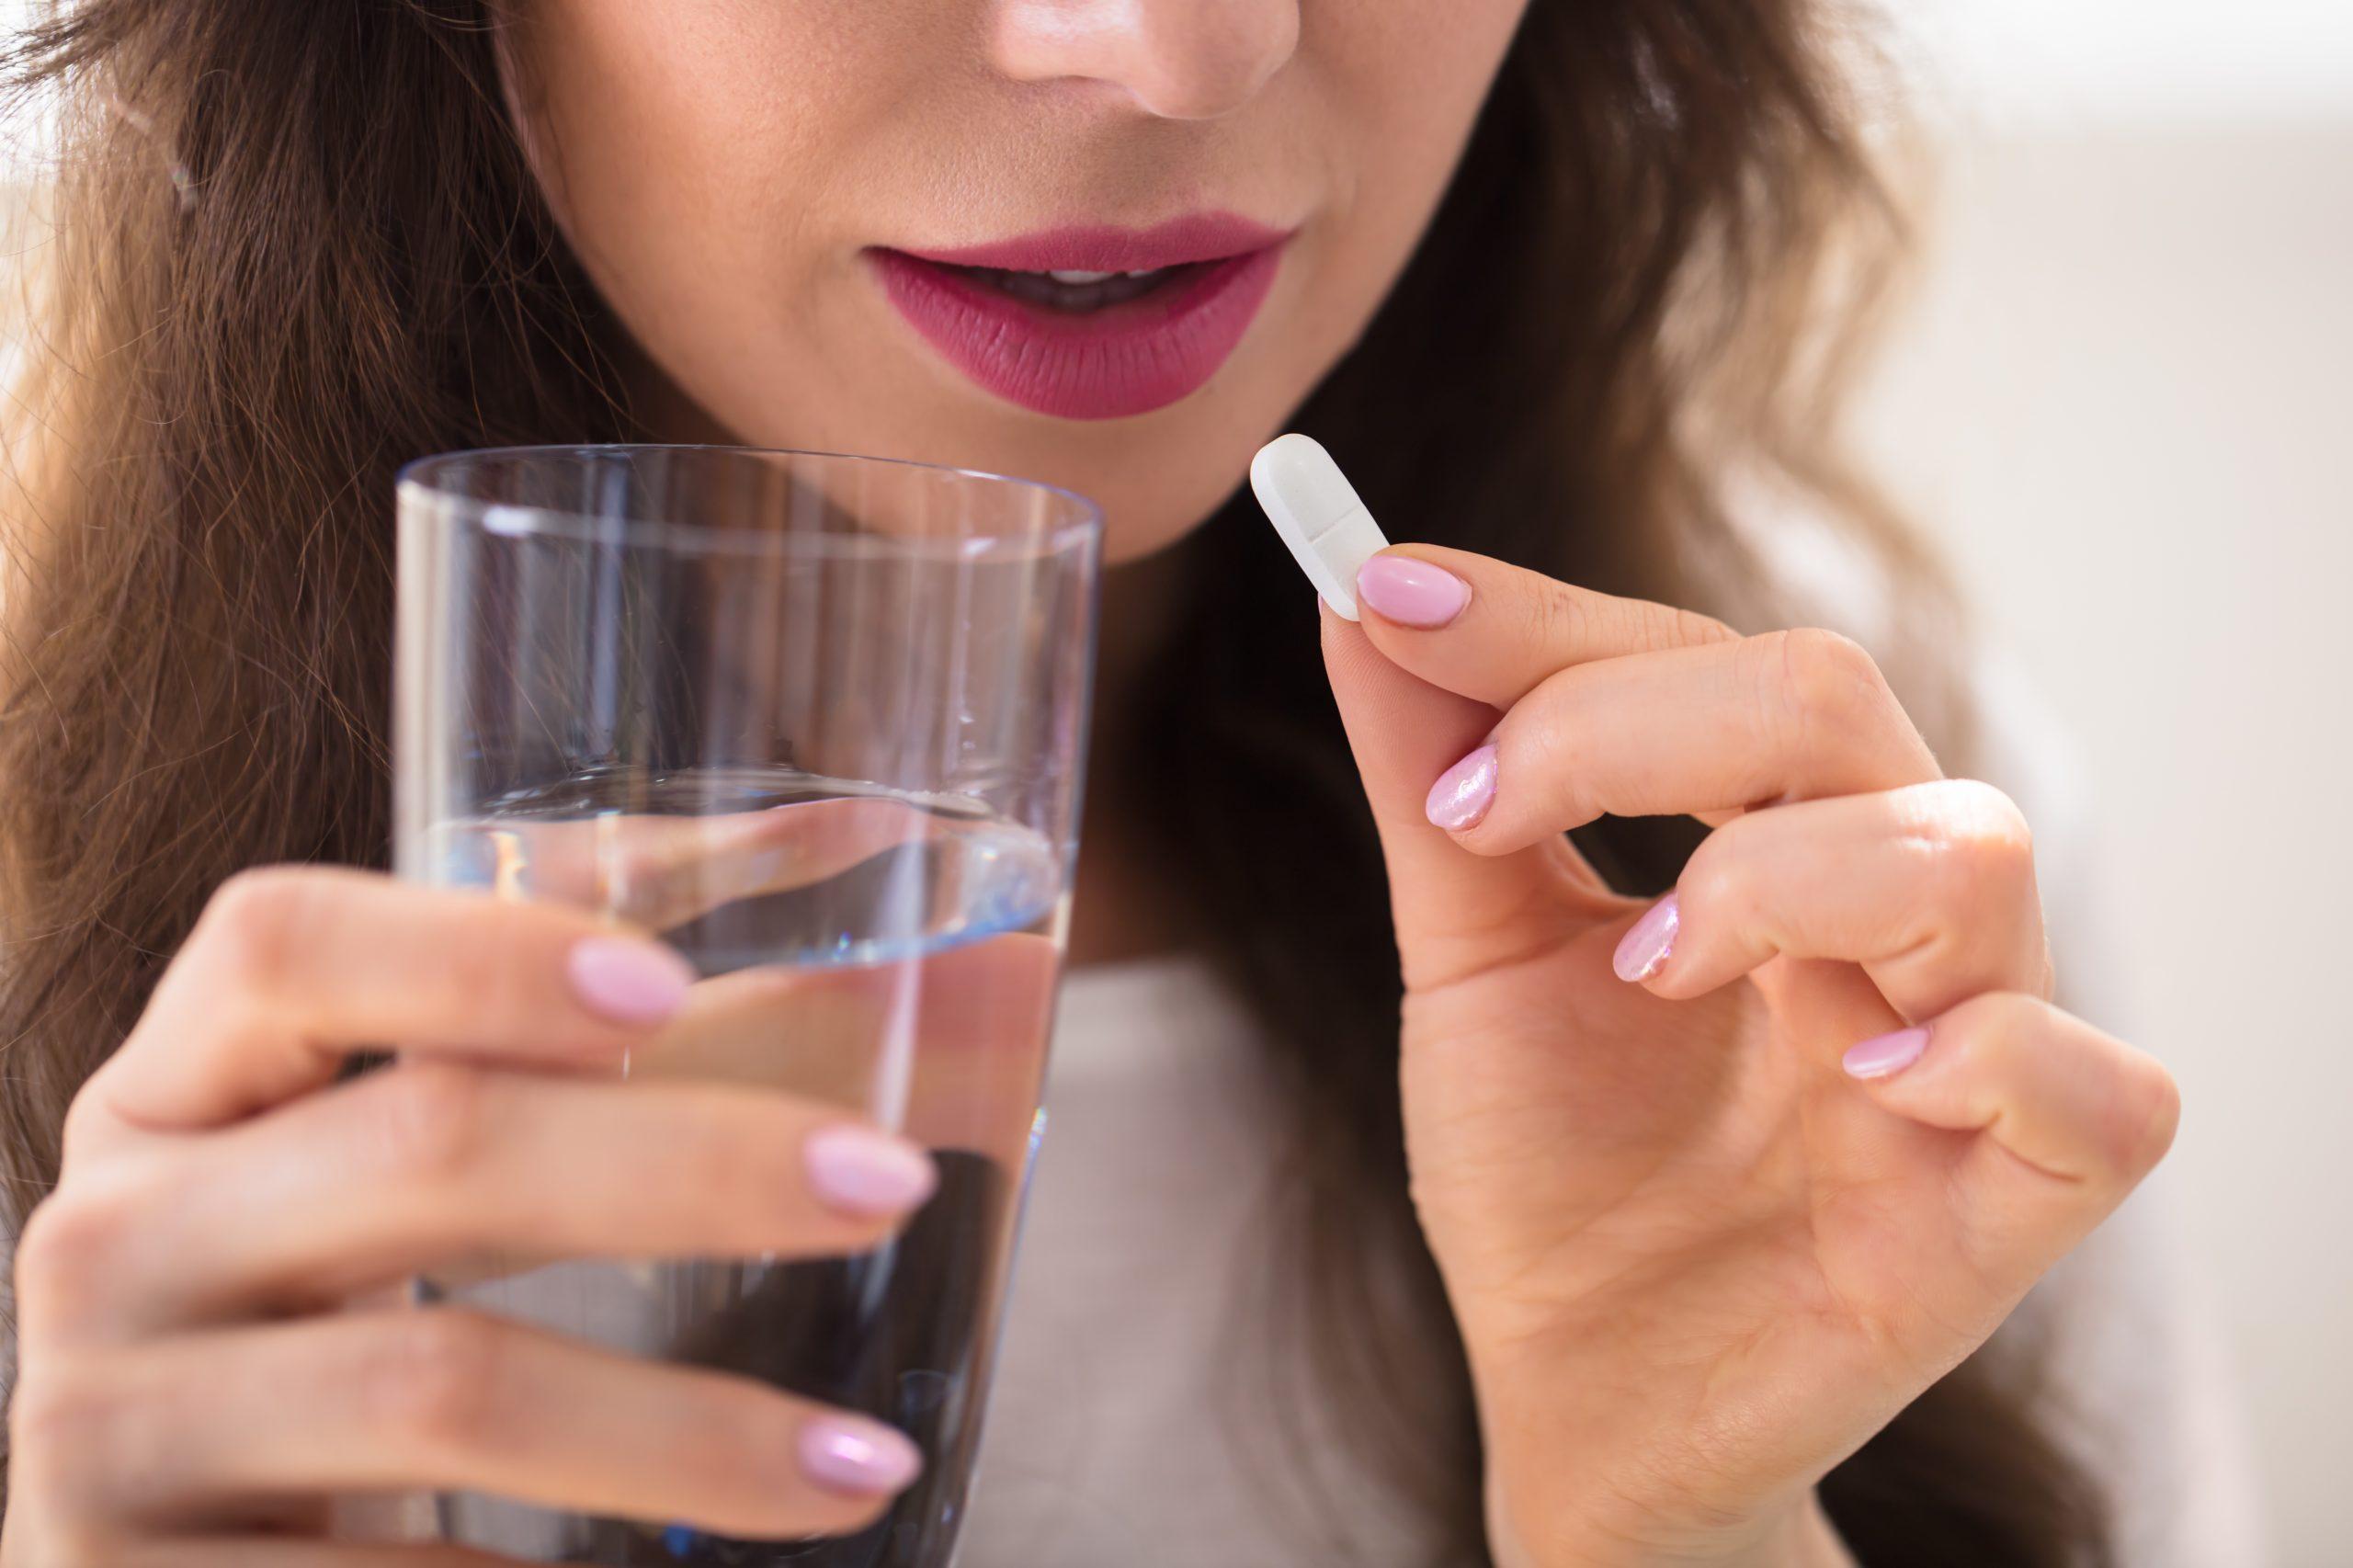 mladá žena si dáva do úst tabletku a zapíja pohárom vody